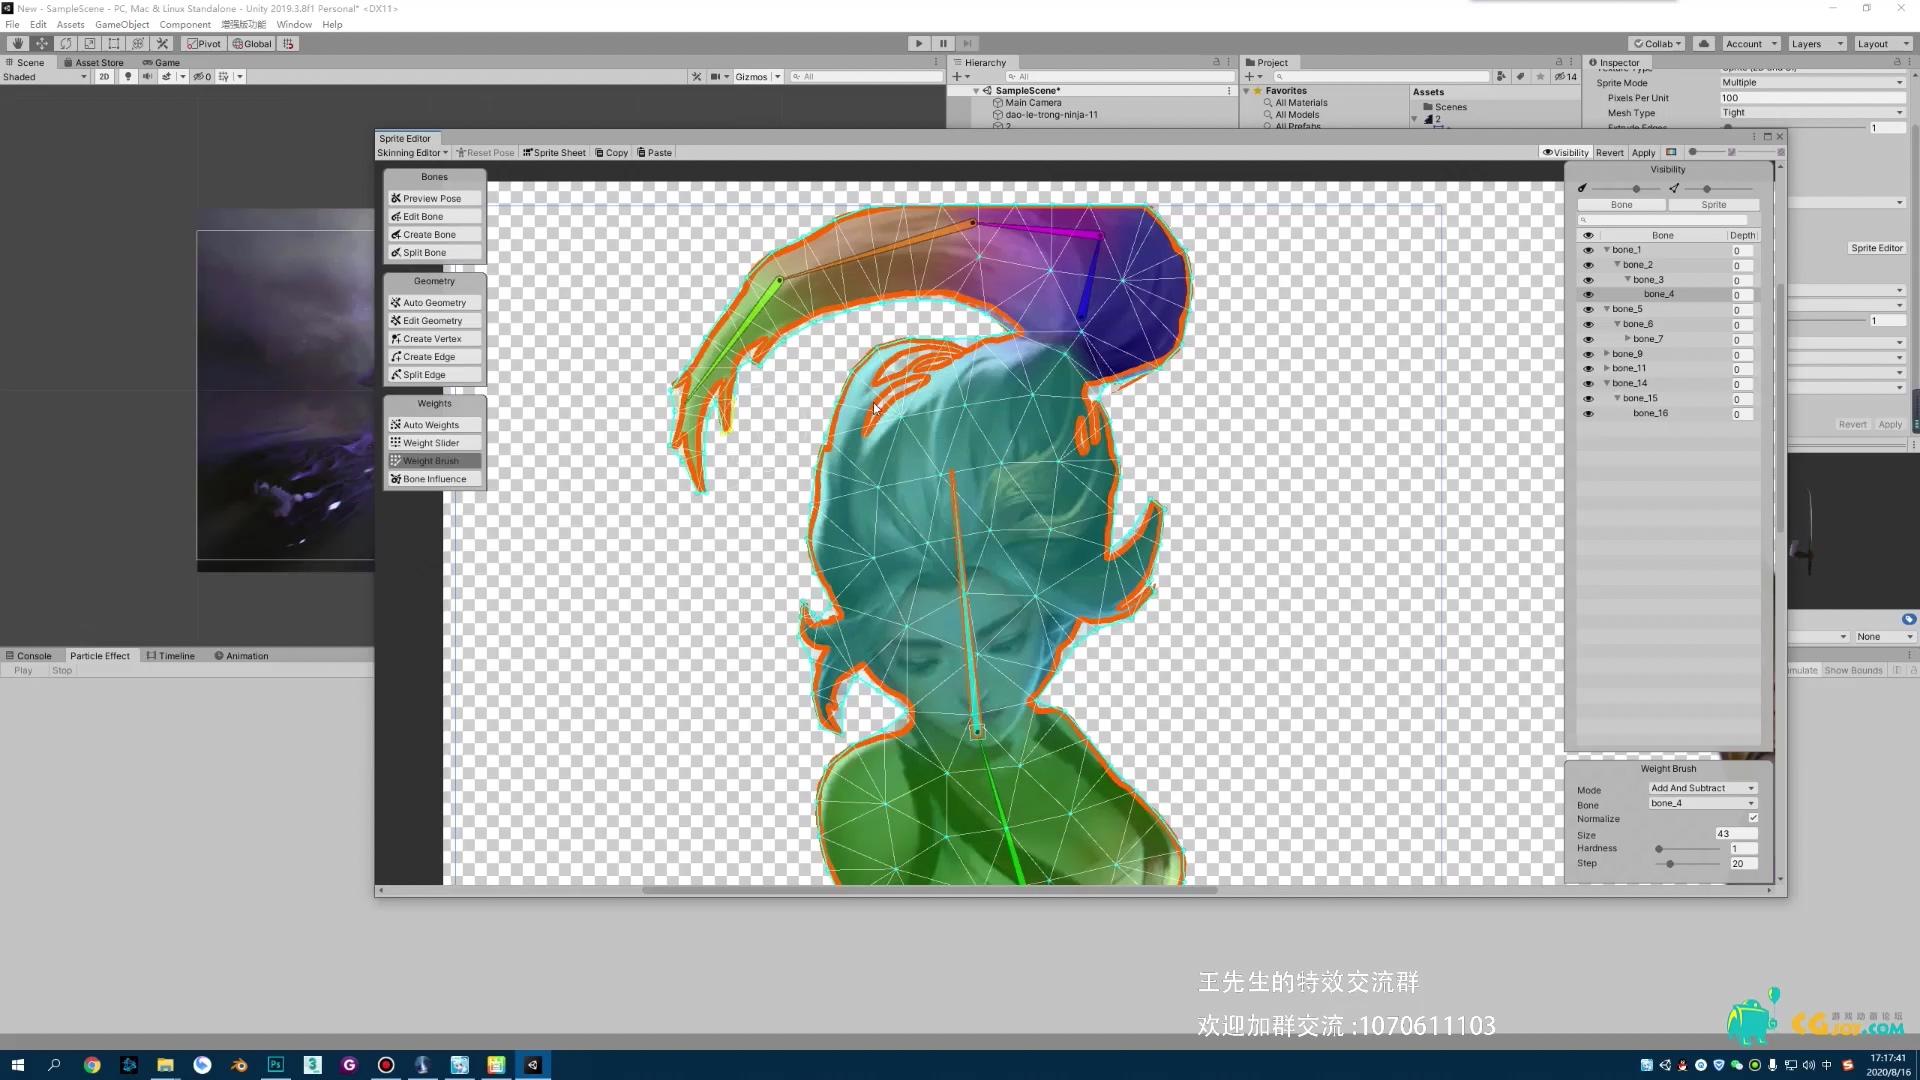 王先生零基础特效教程06-unity3d简单2D动画(拆分,绑定,动画).mp4_20210810_181310.562.jpg